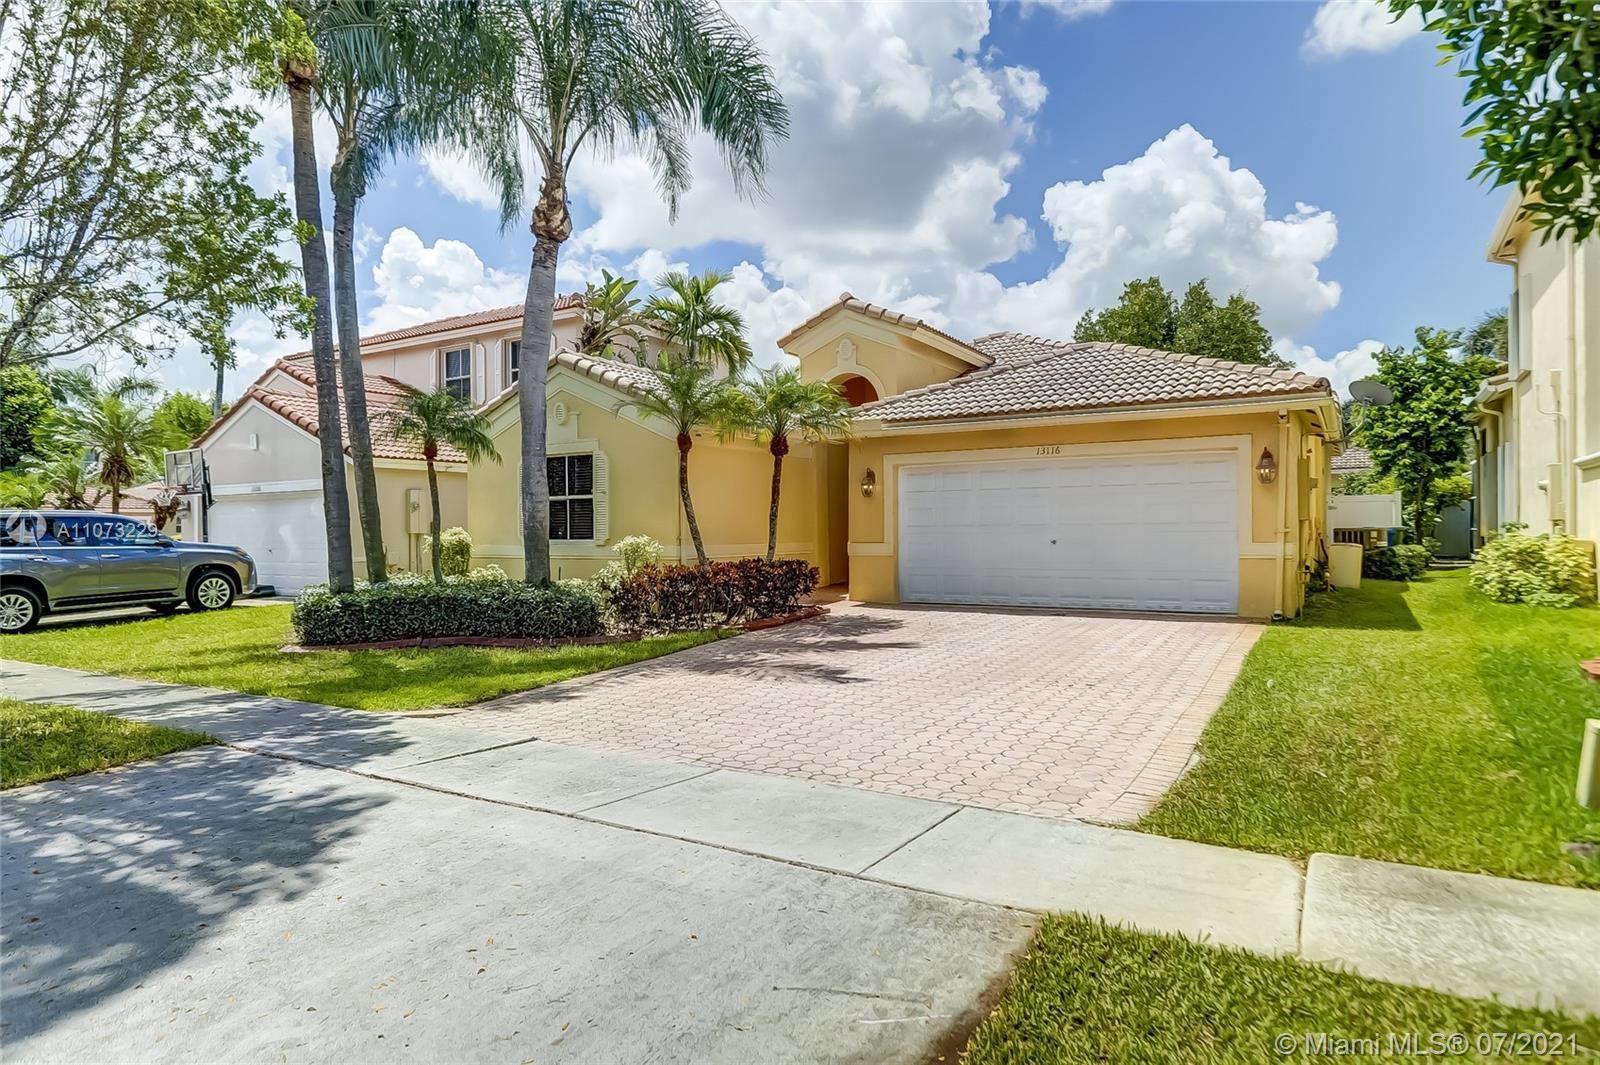 Photo of 13116 SW 31st St, Miramar, FL 33027 (MLS # A11073229)